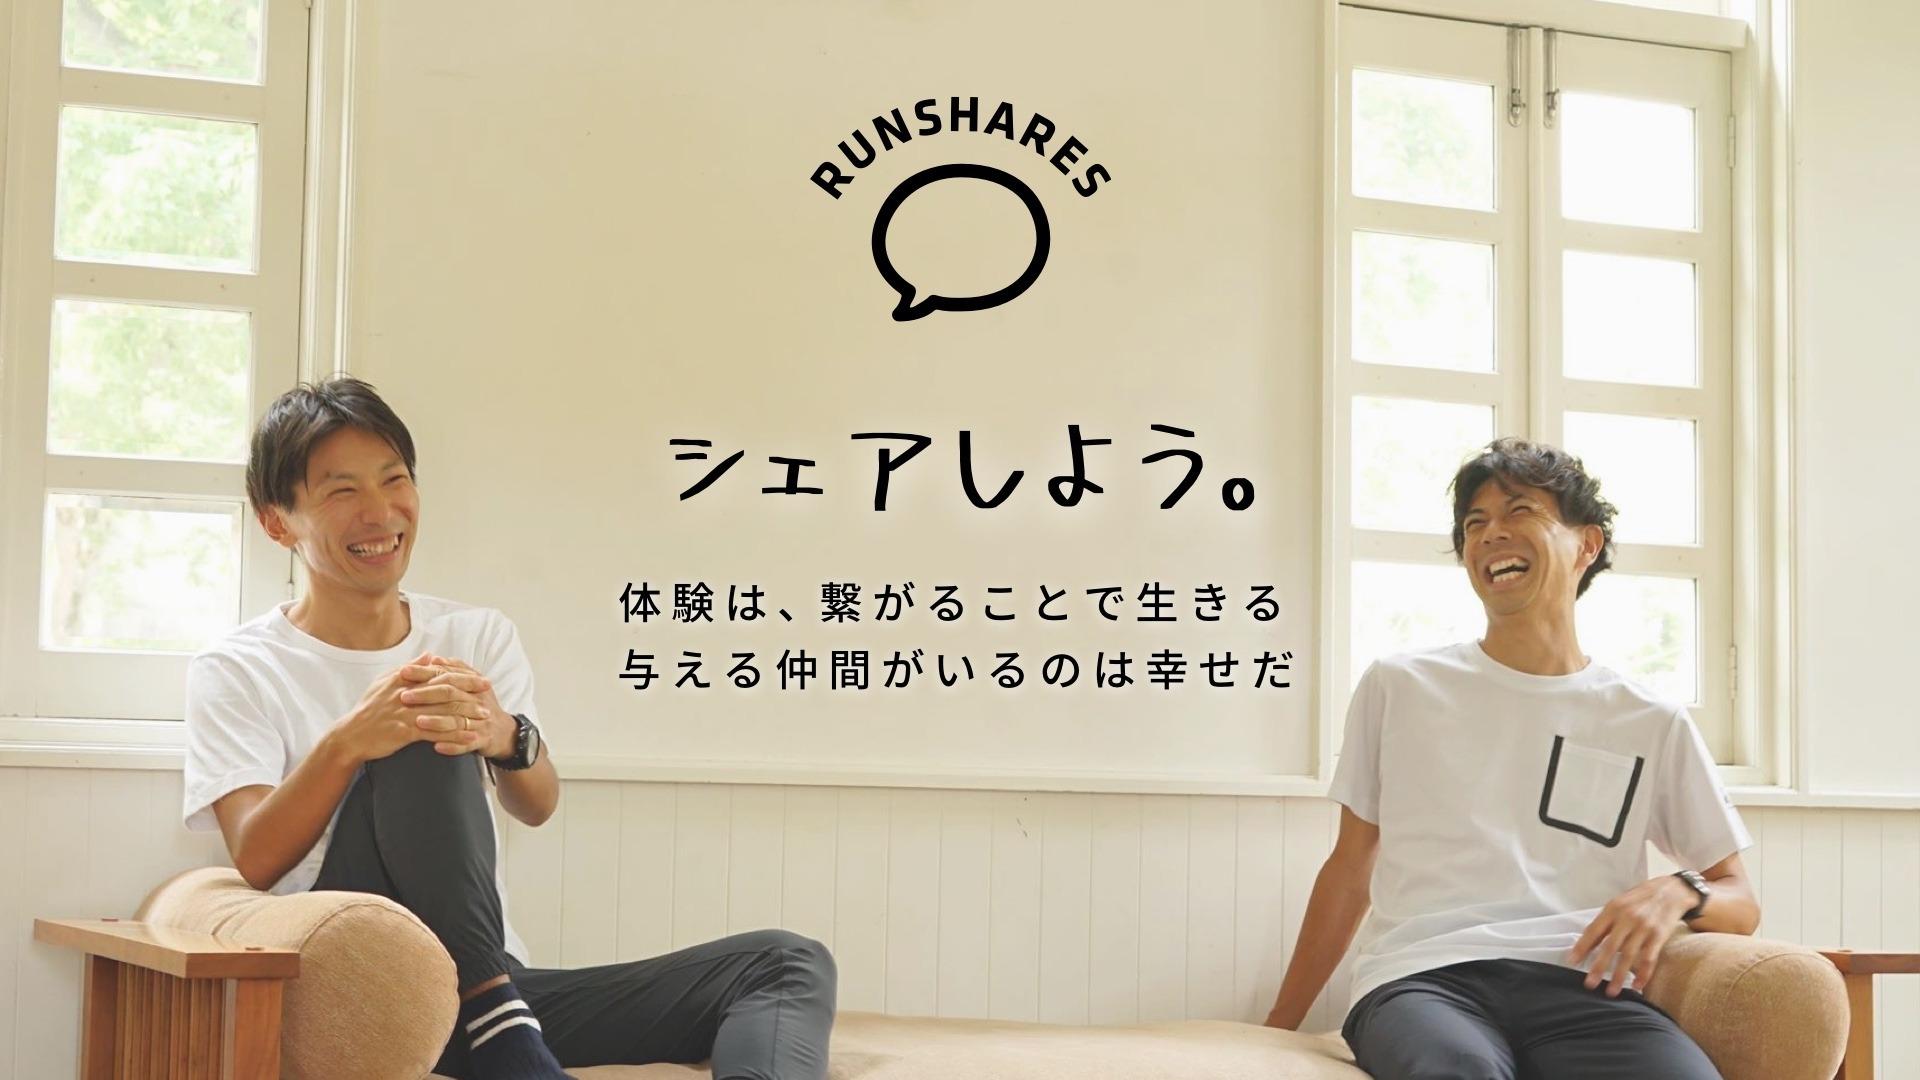 萩原 裕磨 / 原田 拓 - RUNSHARES / ランシェアーズ - DMM オンラインサロン